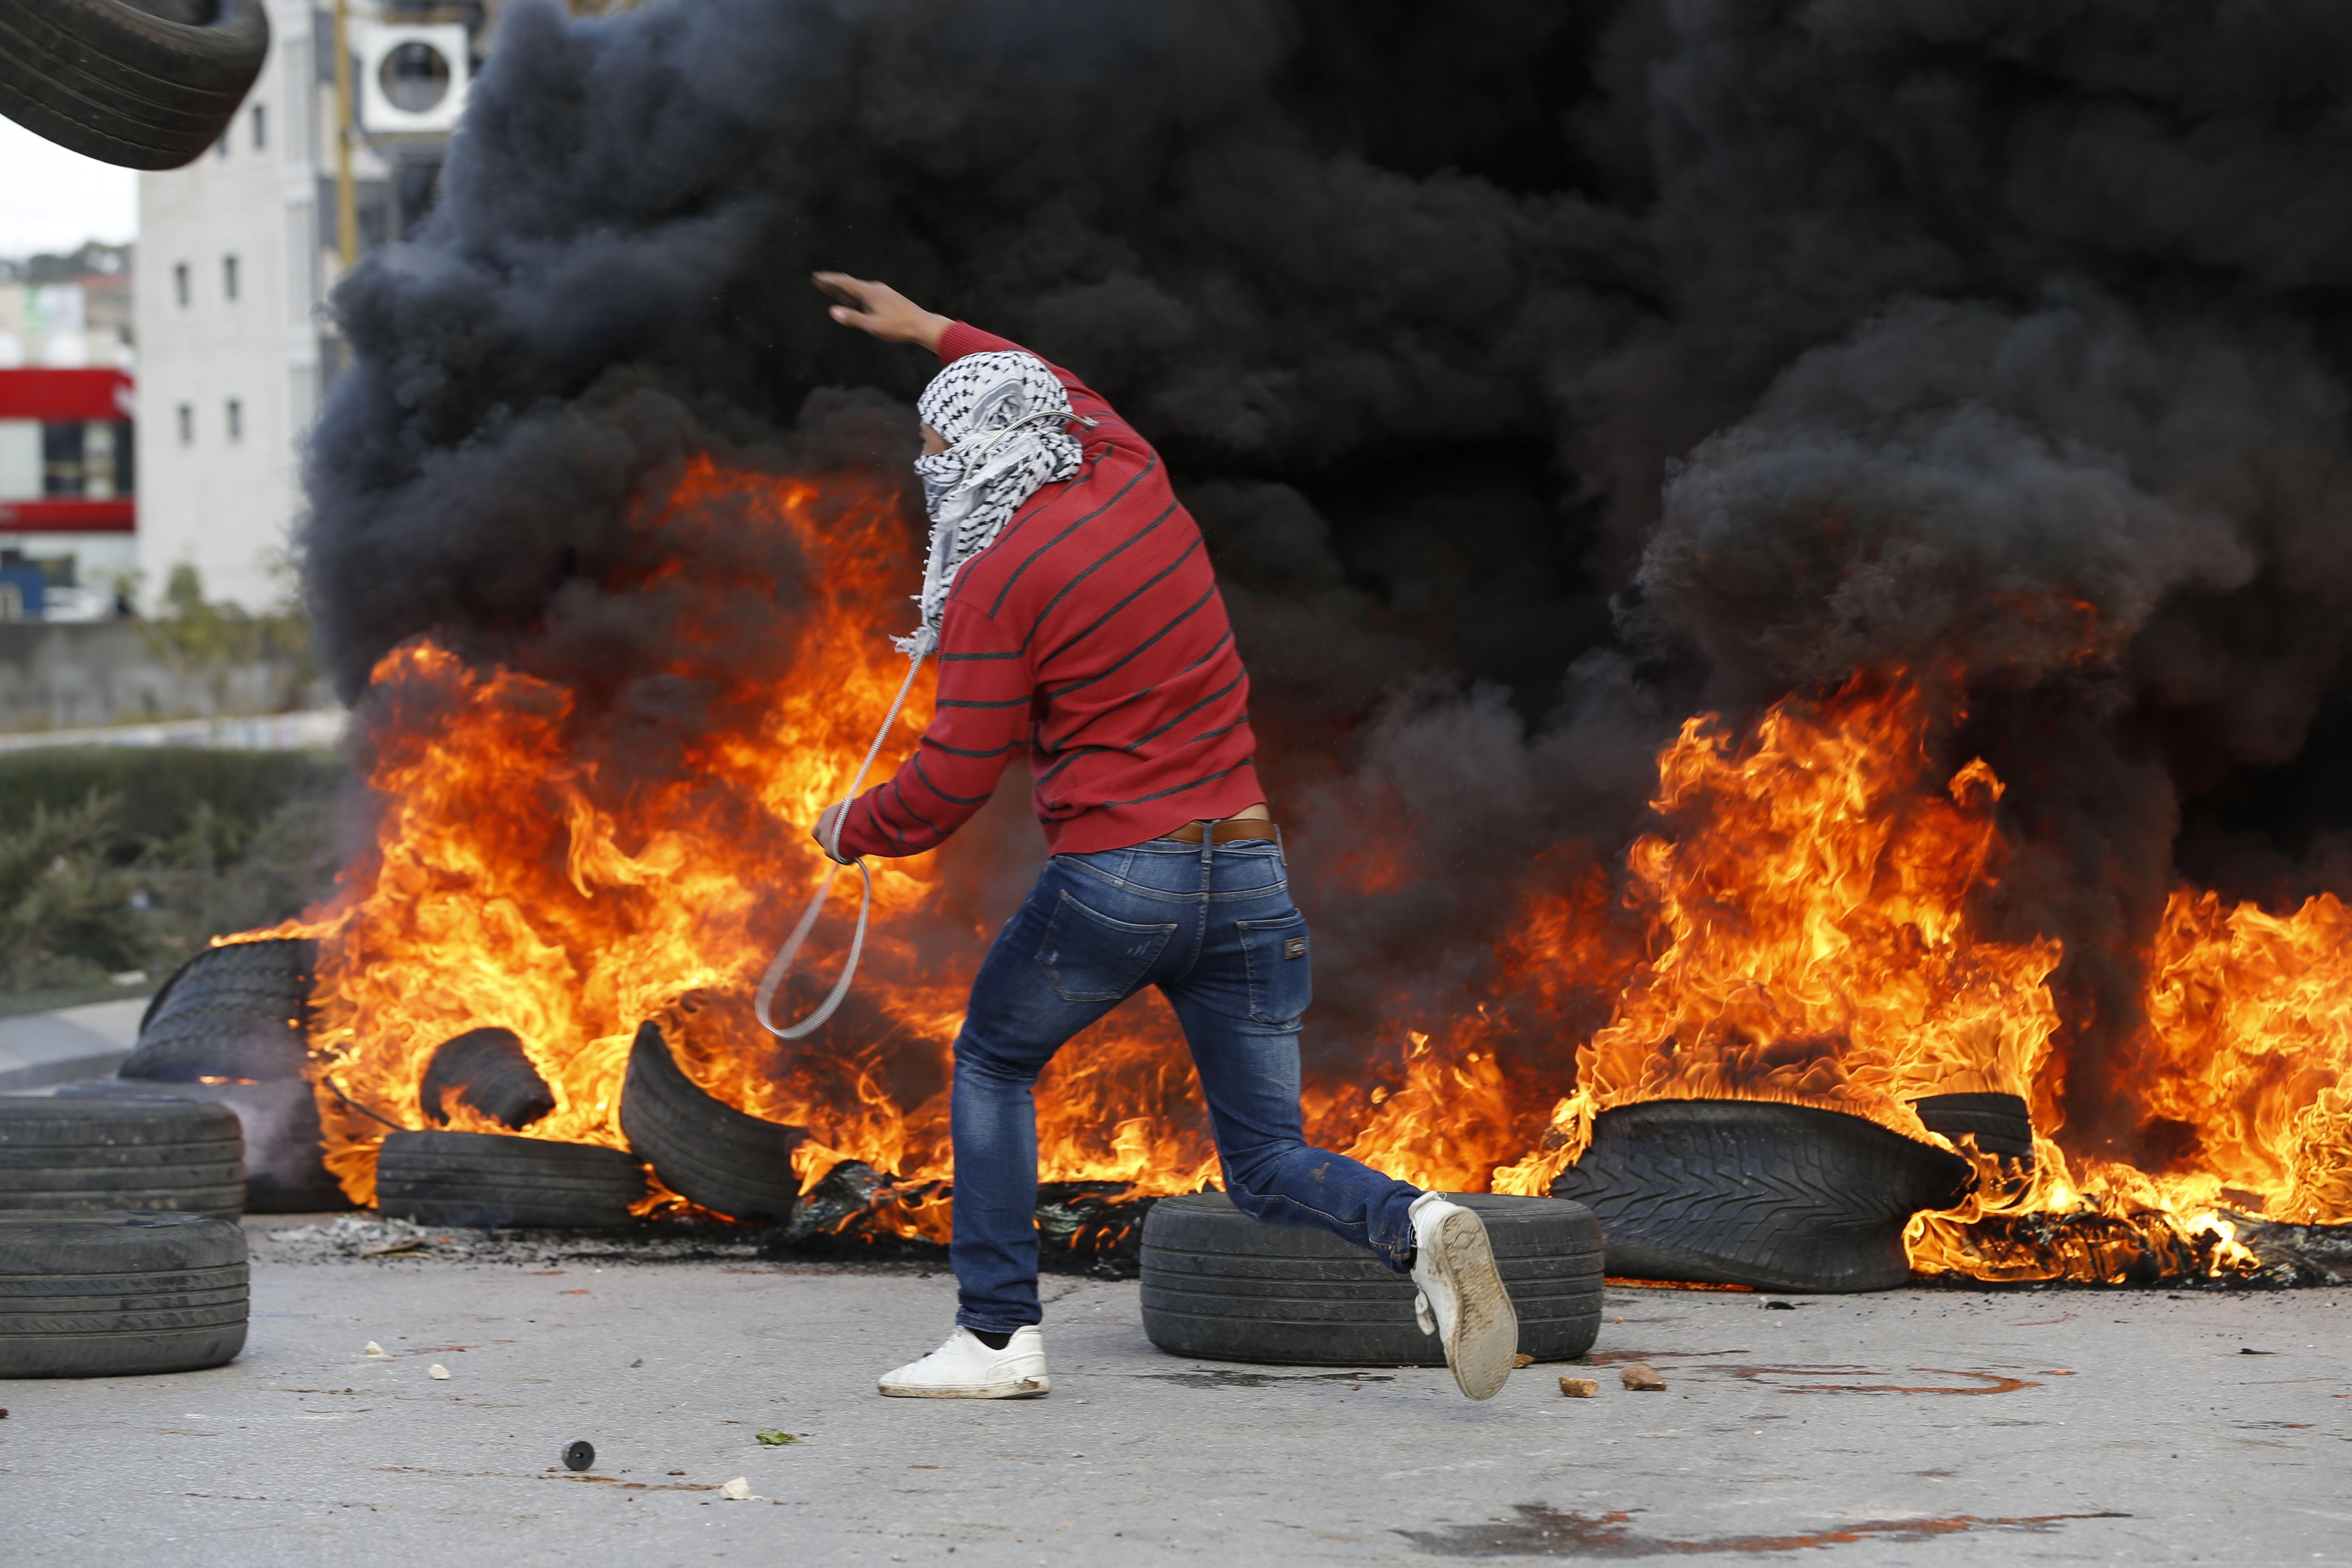 صور الانتفاضه الرابعه - مظاهرات فلسطين (2)